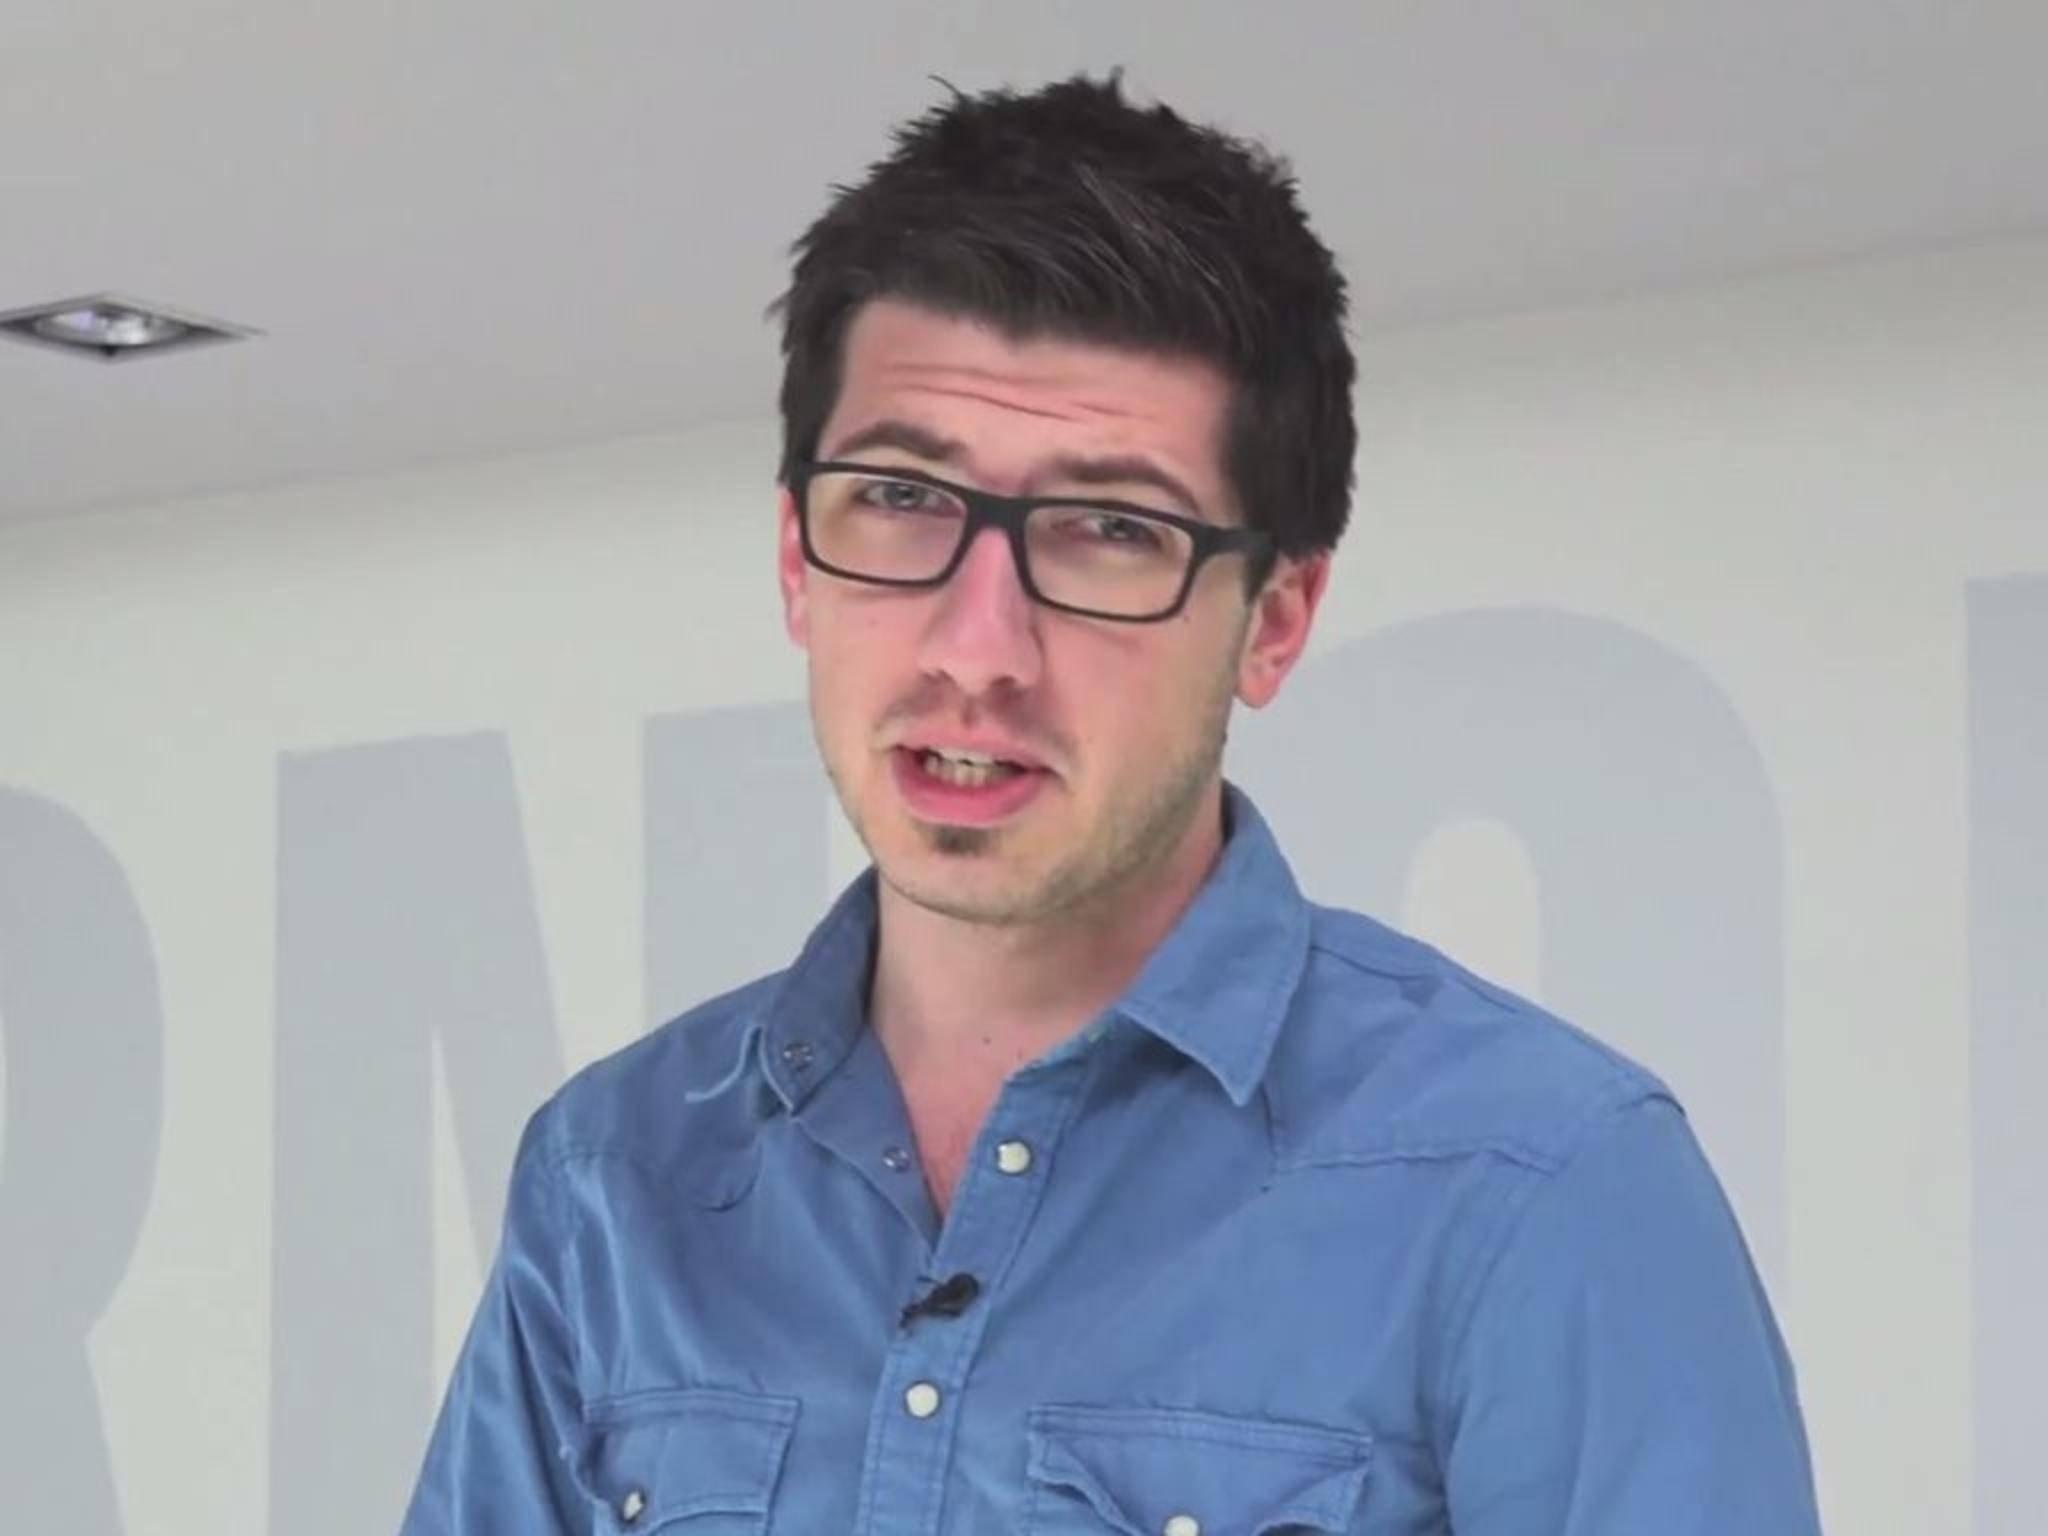 Alles zu den Themen der Woche im News-Video mit Alex.